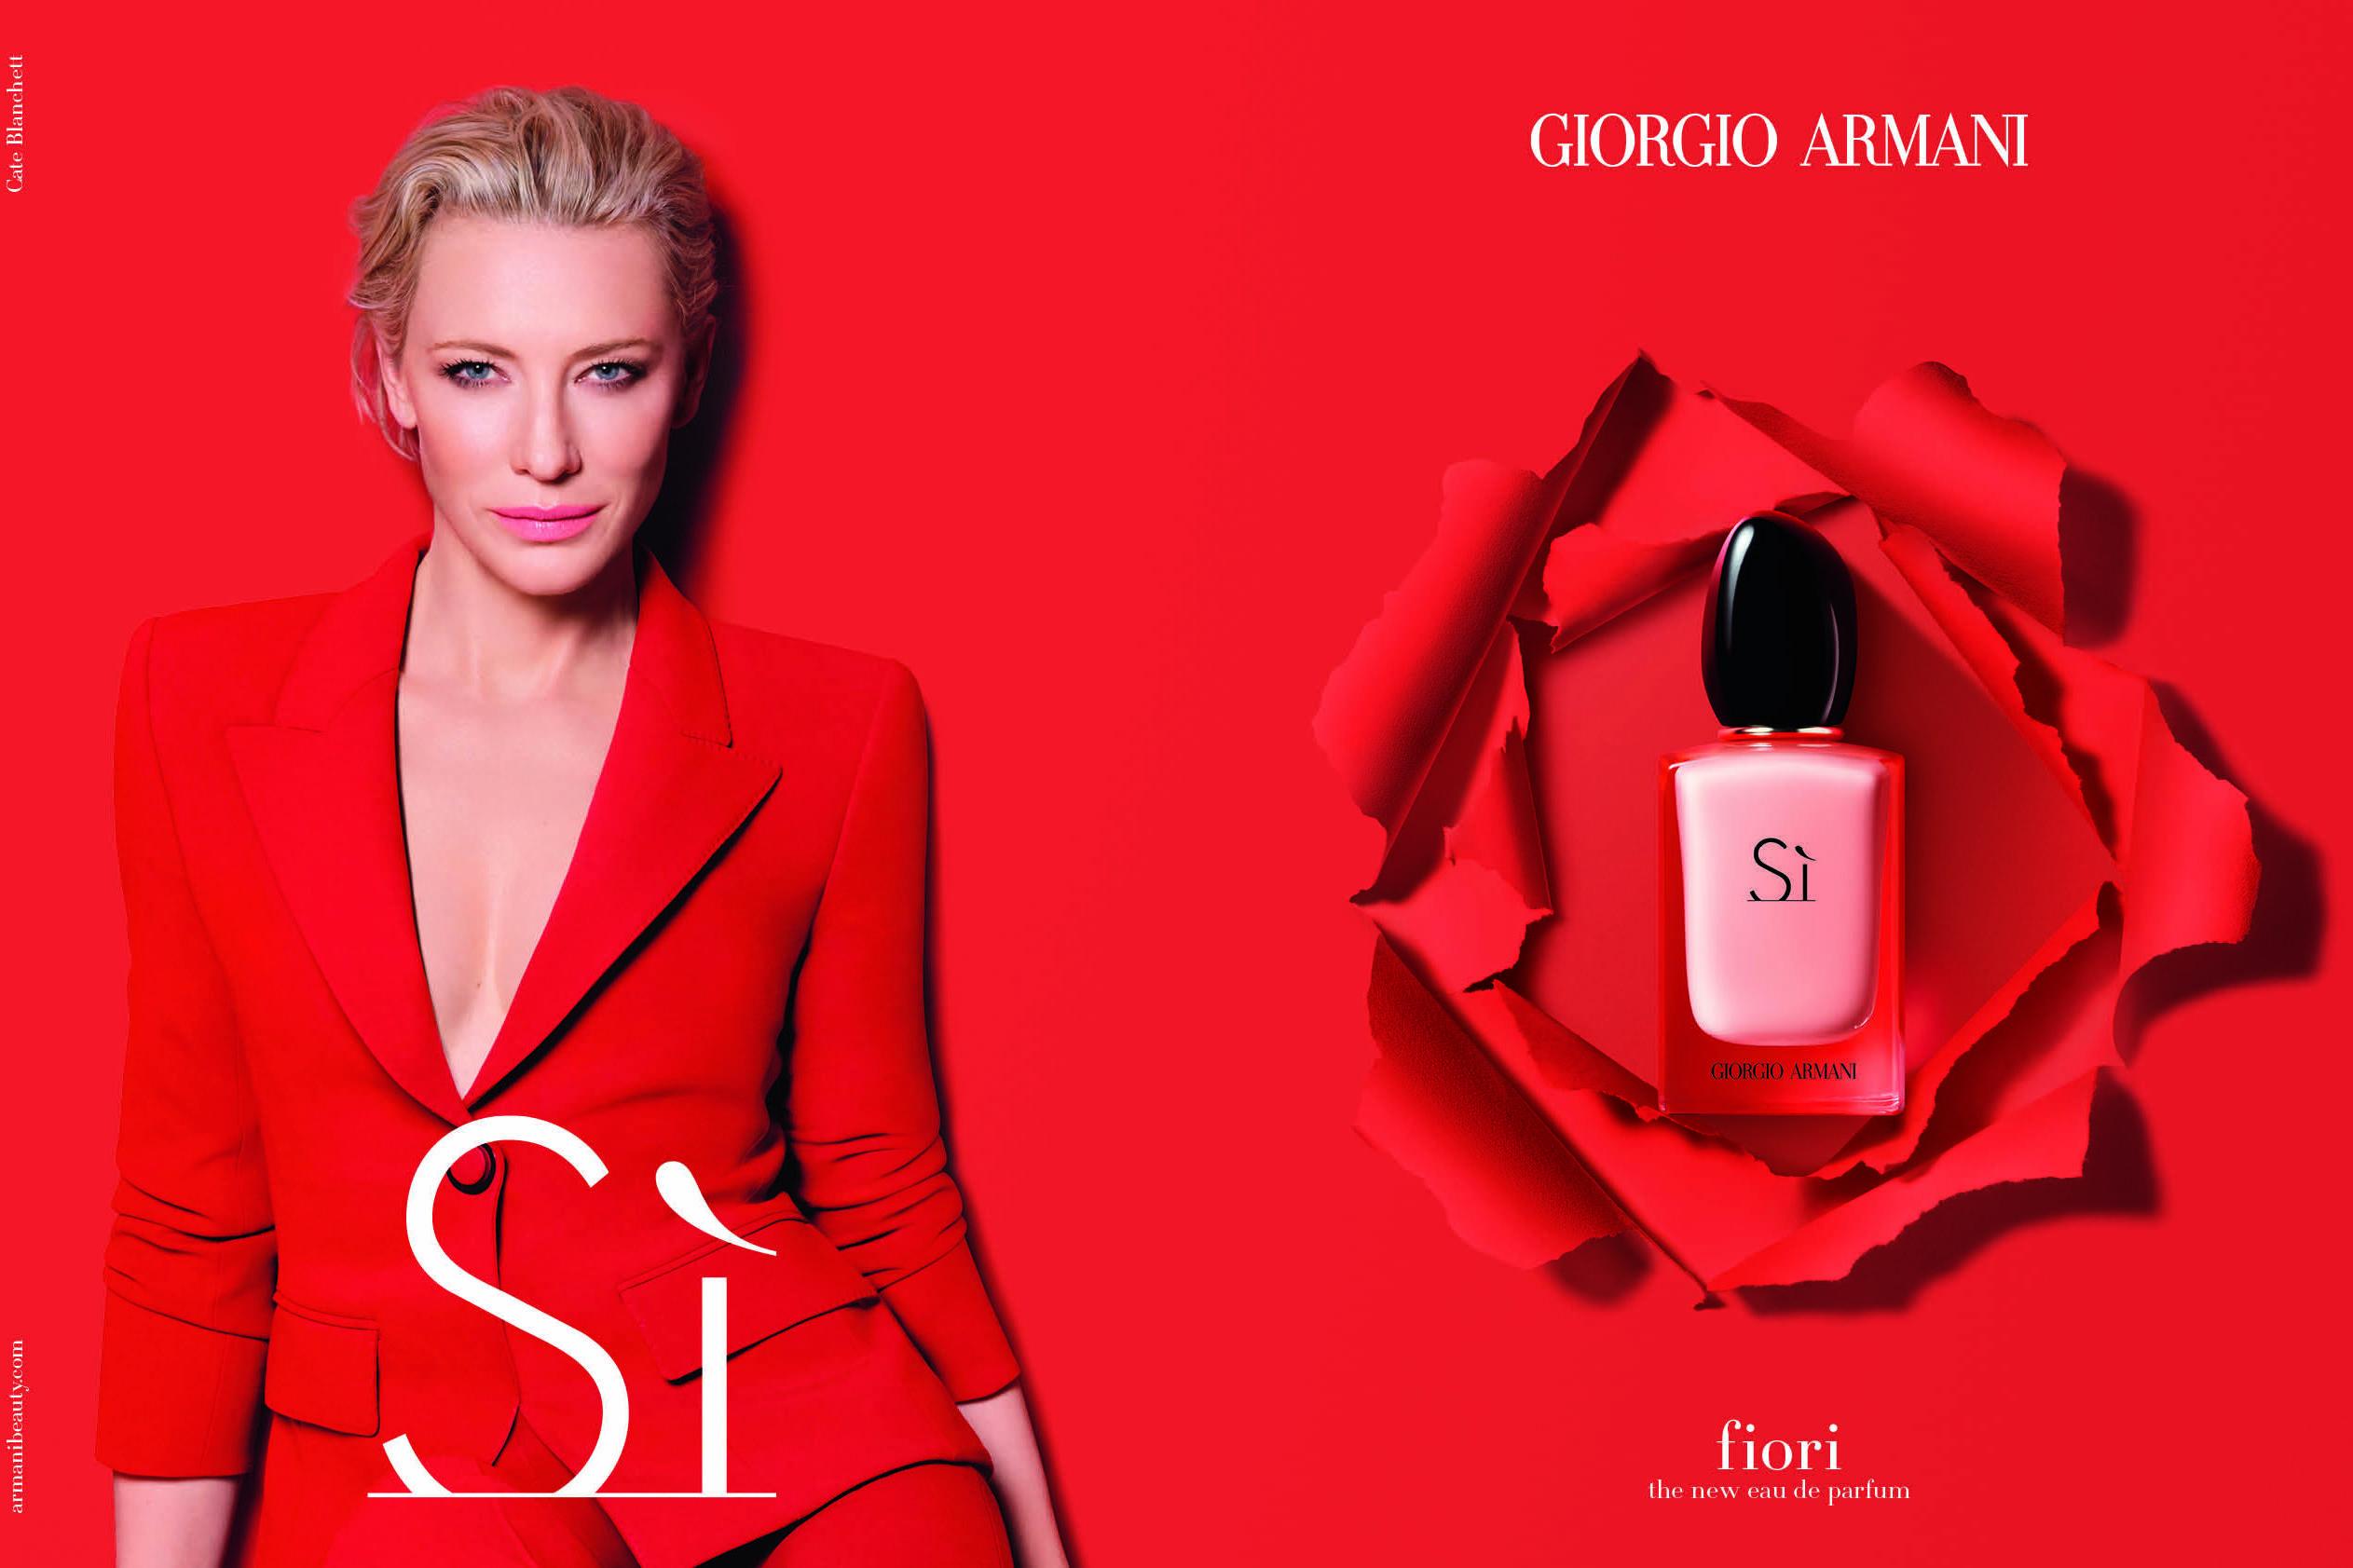 EXCLUSIVE: Giorgio Armani's Sì Scent Readies Next Chapter